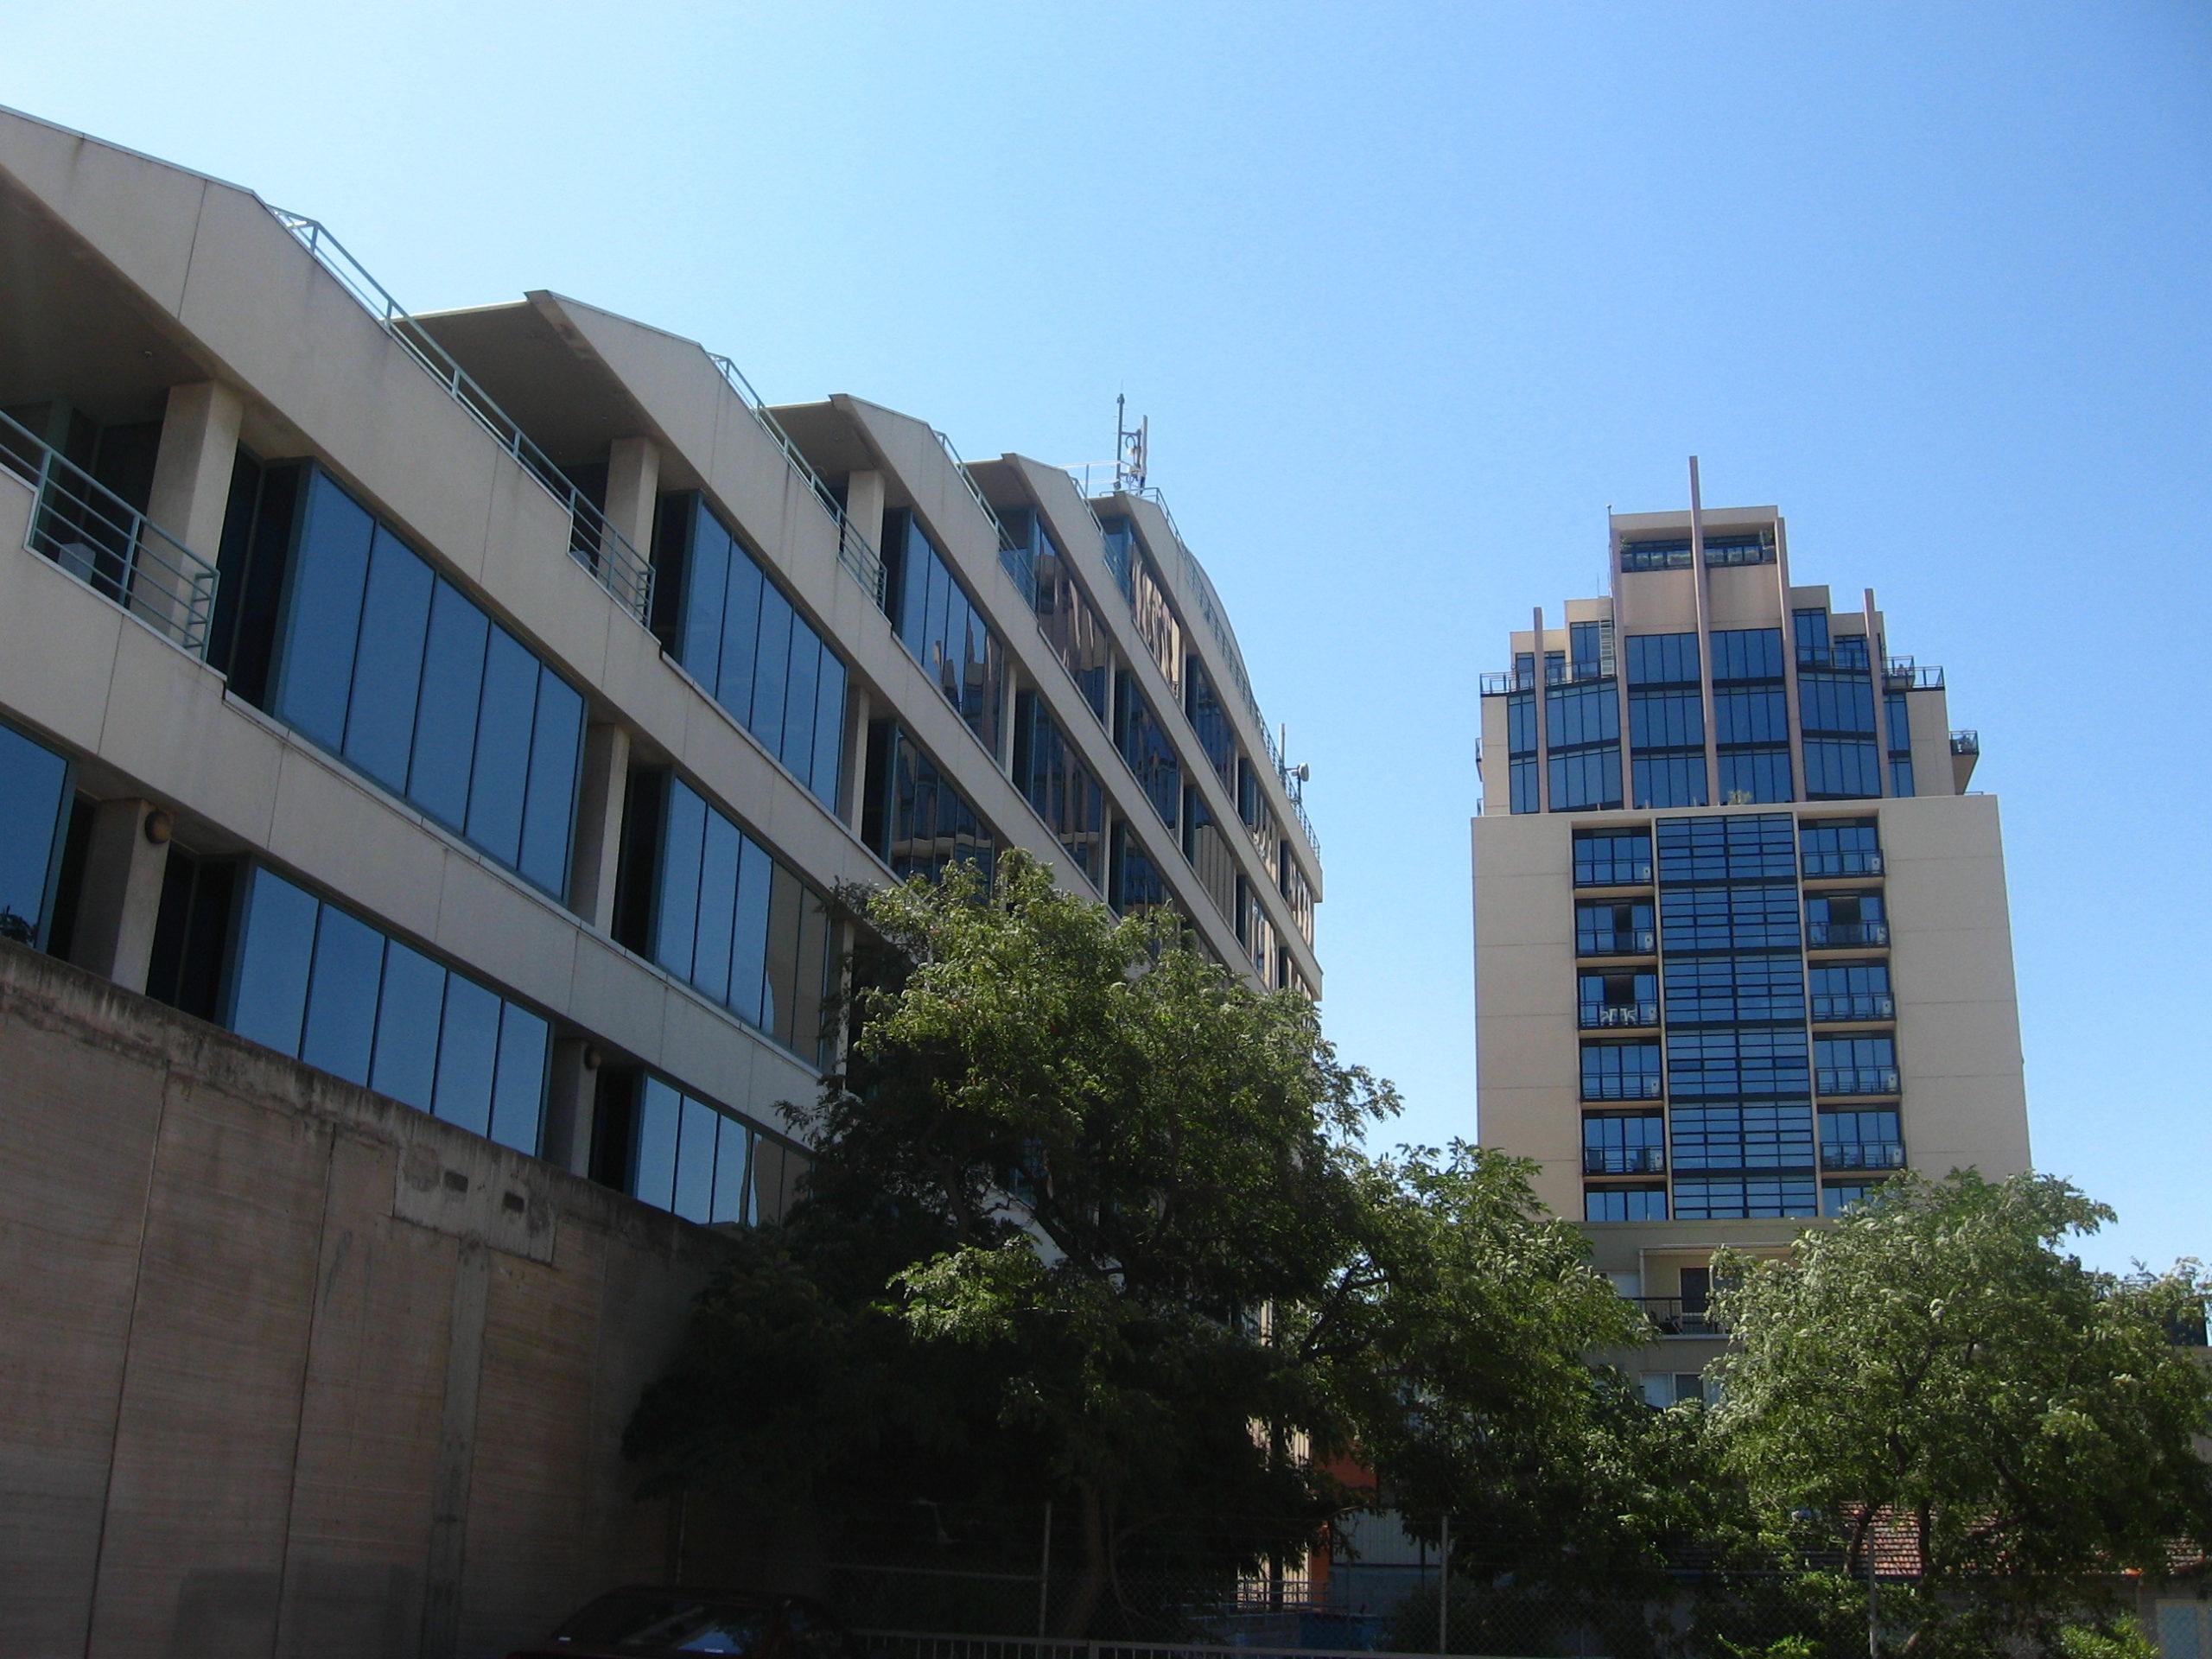 Buildings_in_Moonee_Ponds.JPG